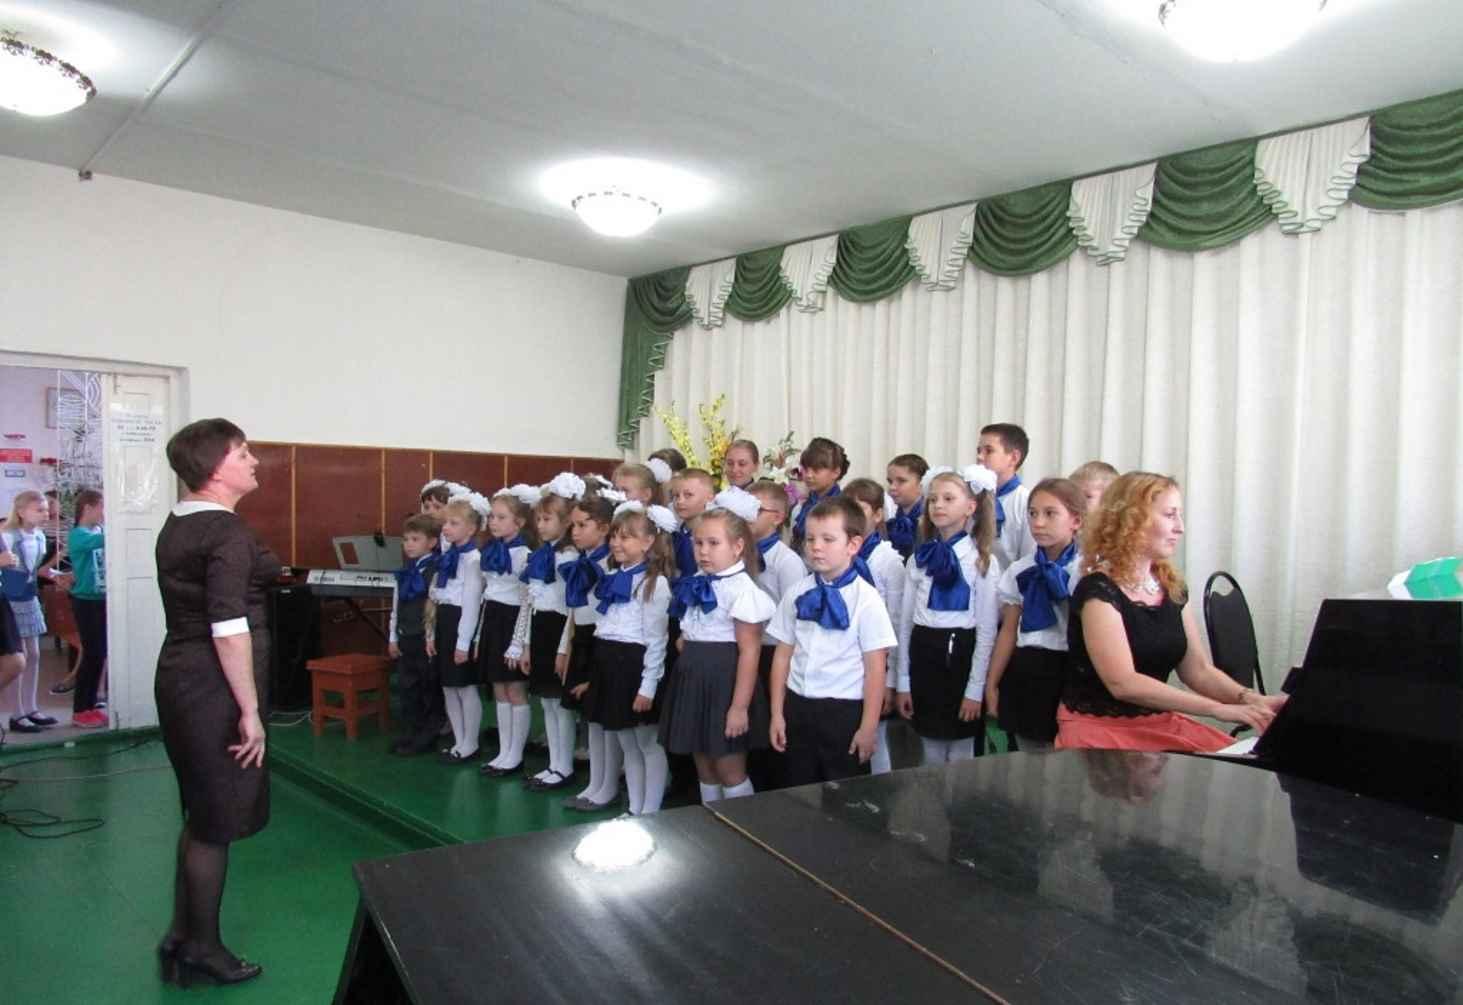 opros-39-rossiyan-progulivali-uroki-muzyki-v-shkole